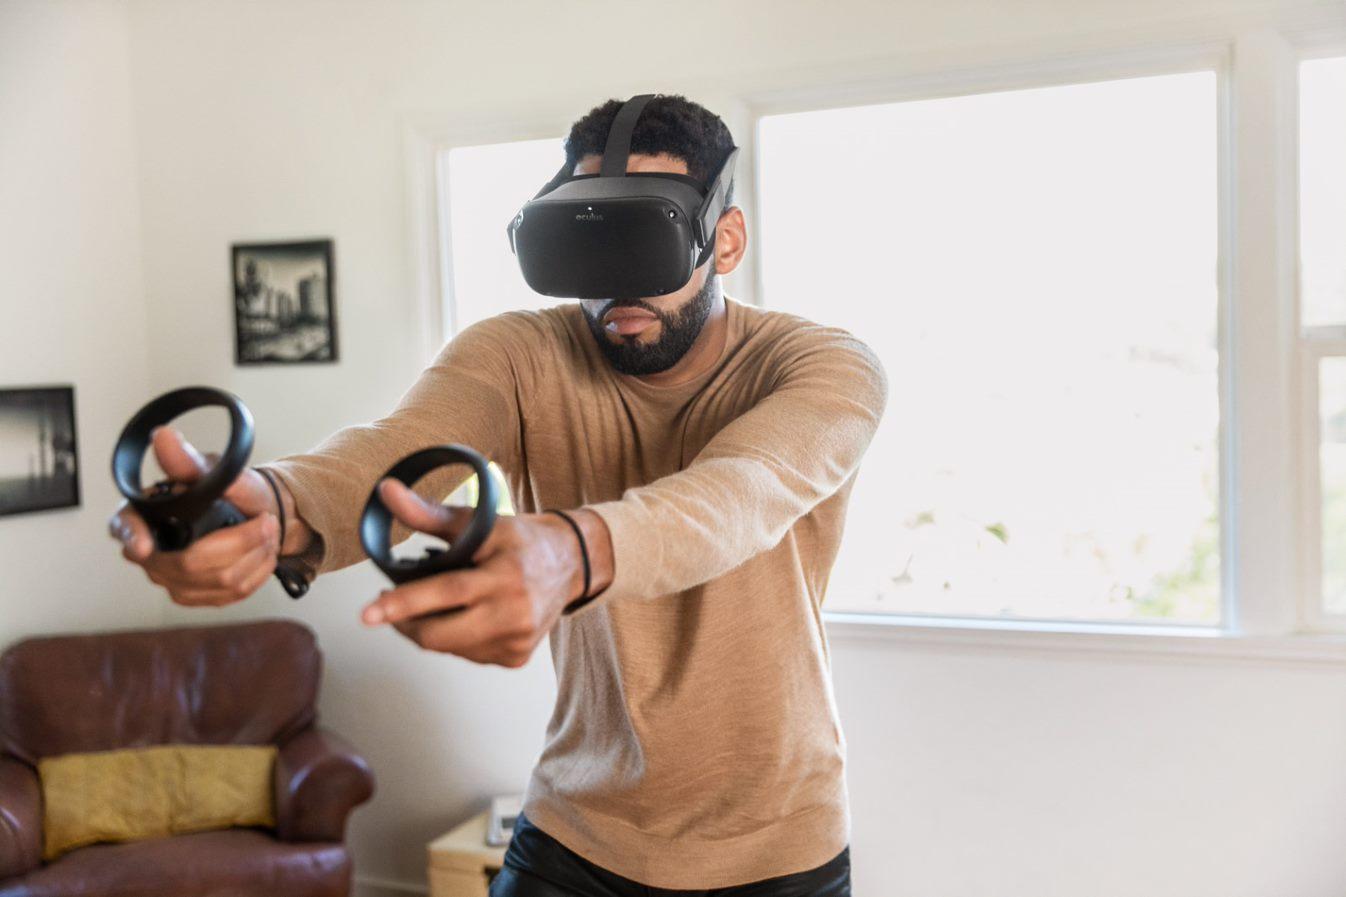 Speciale Oculus Quest